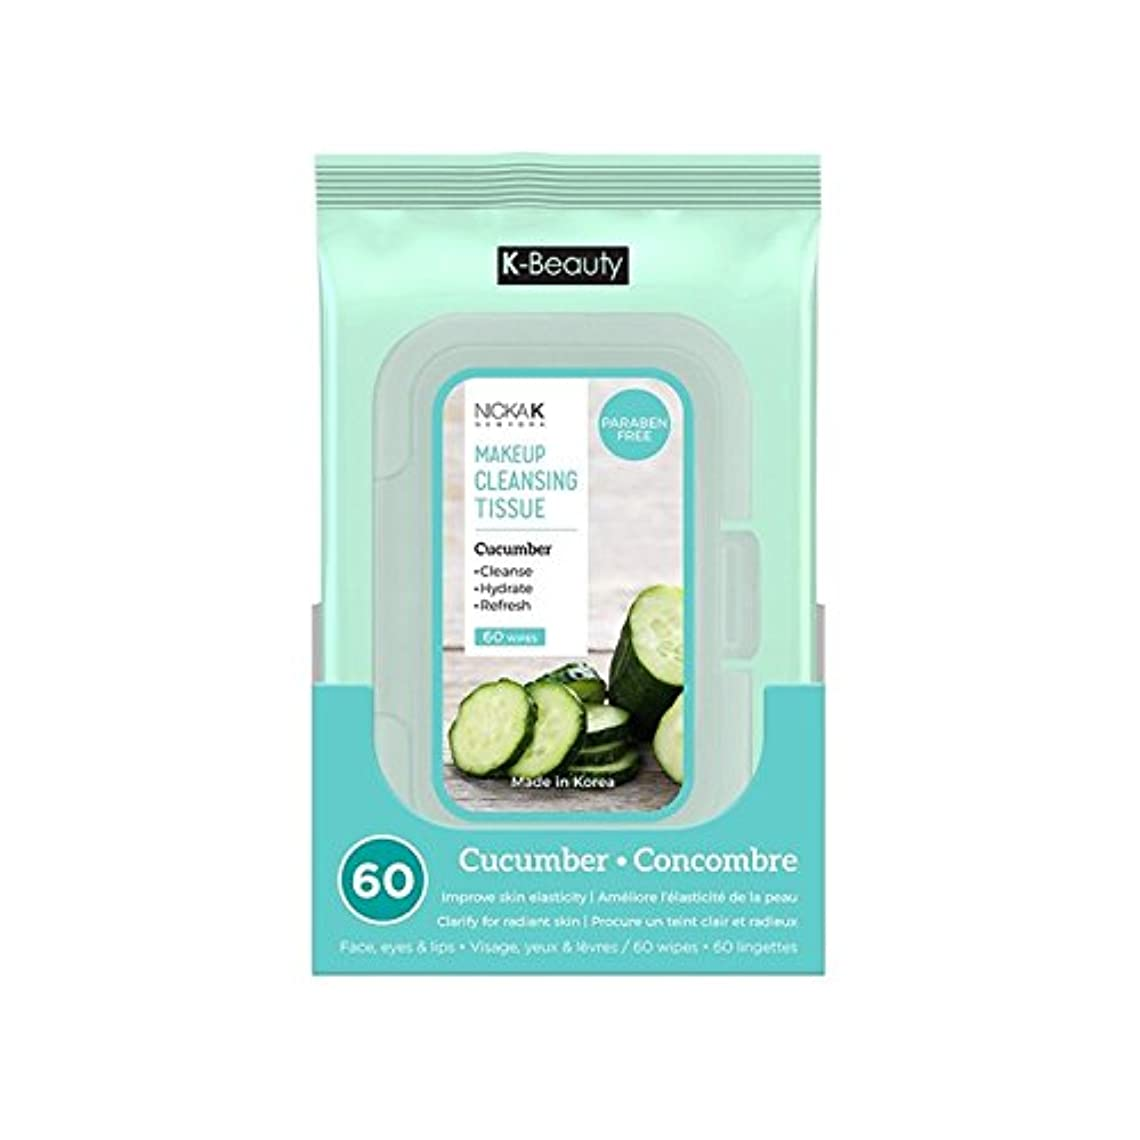 ダイヤルピストル不規則性(3 Pack) NICKA K Make Up Cleansing Tissue - Cucumber (並行輸入品)